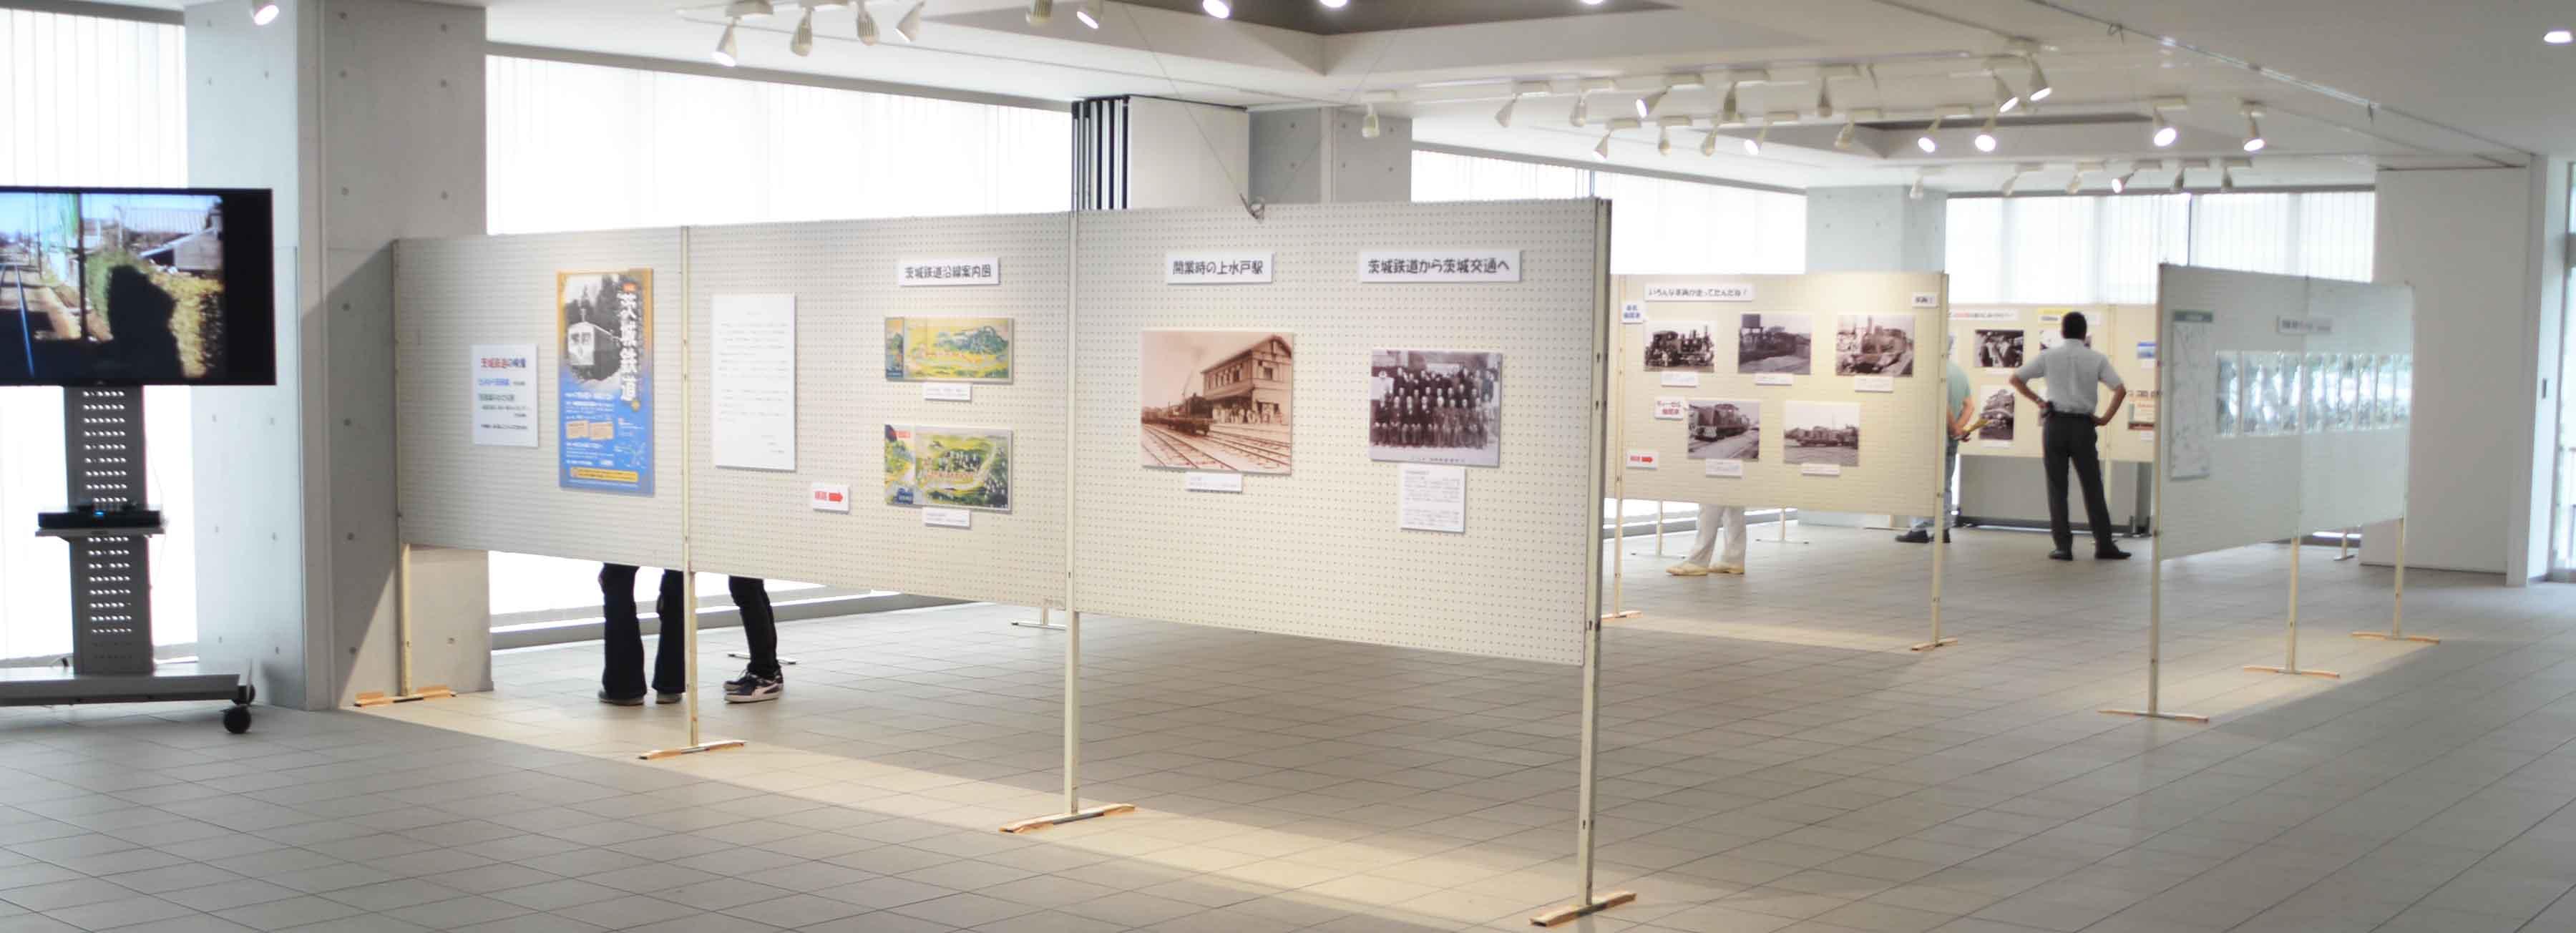 『茨城鉄道 展示の様子 役場本庁舎1』の画像